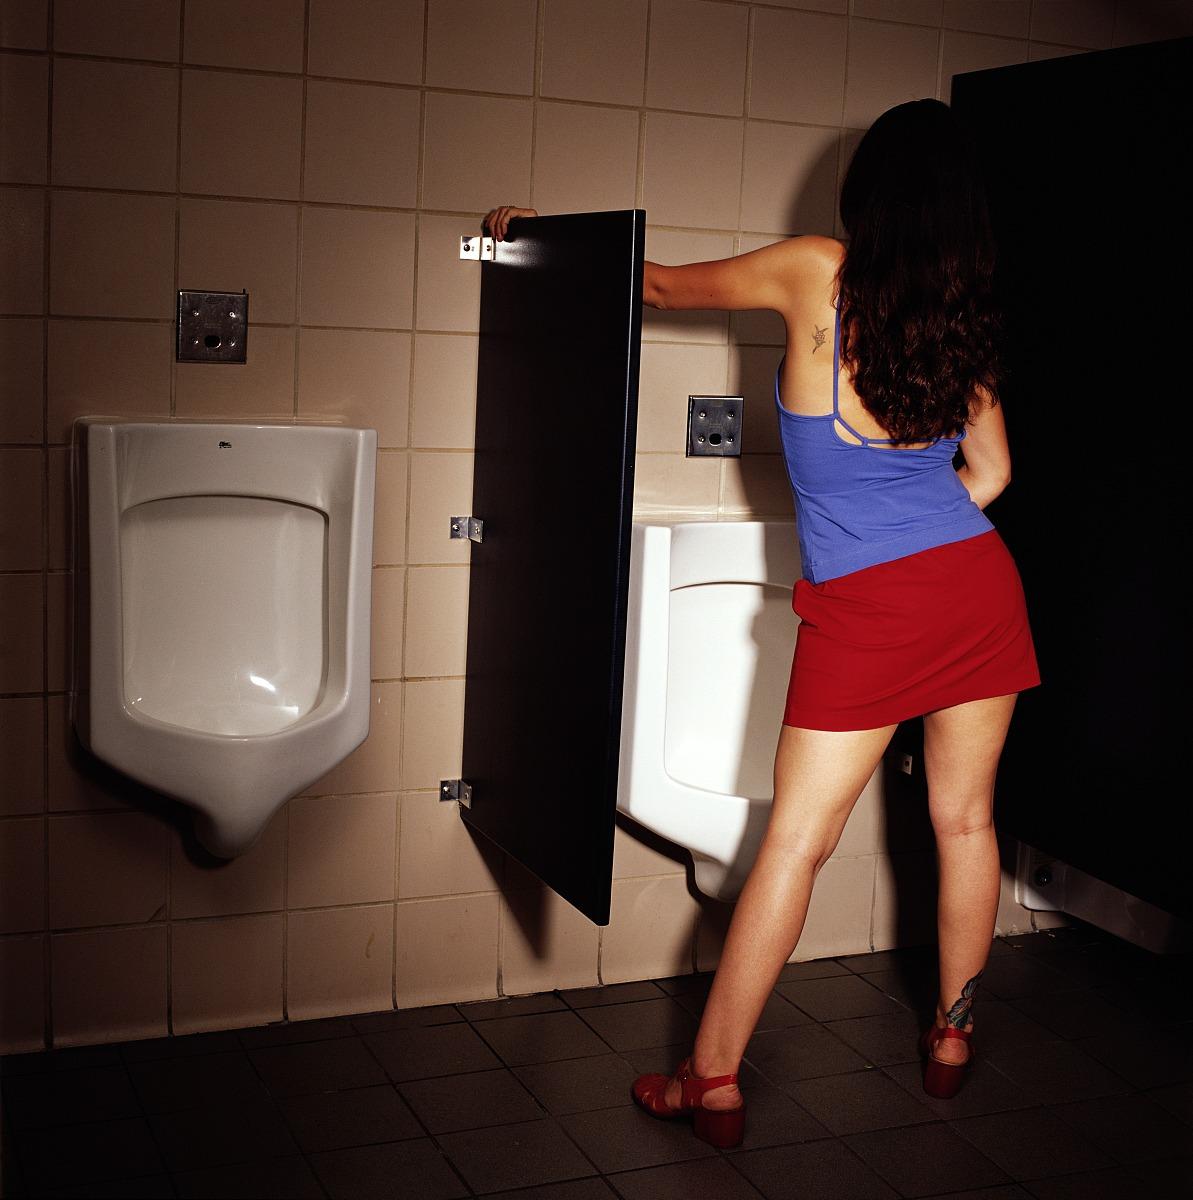 厕所美女偷拍视频_51                   偷拍女人厕所清晰图片-俄国女人厕所撒尿视频